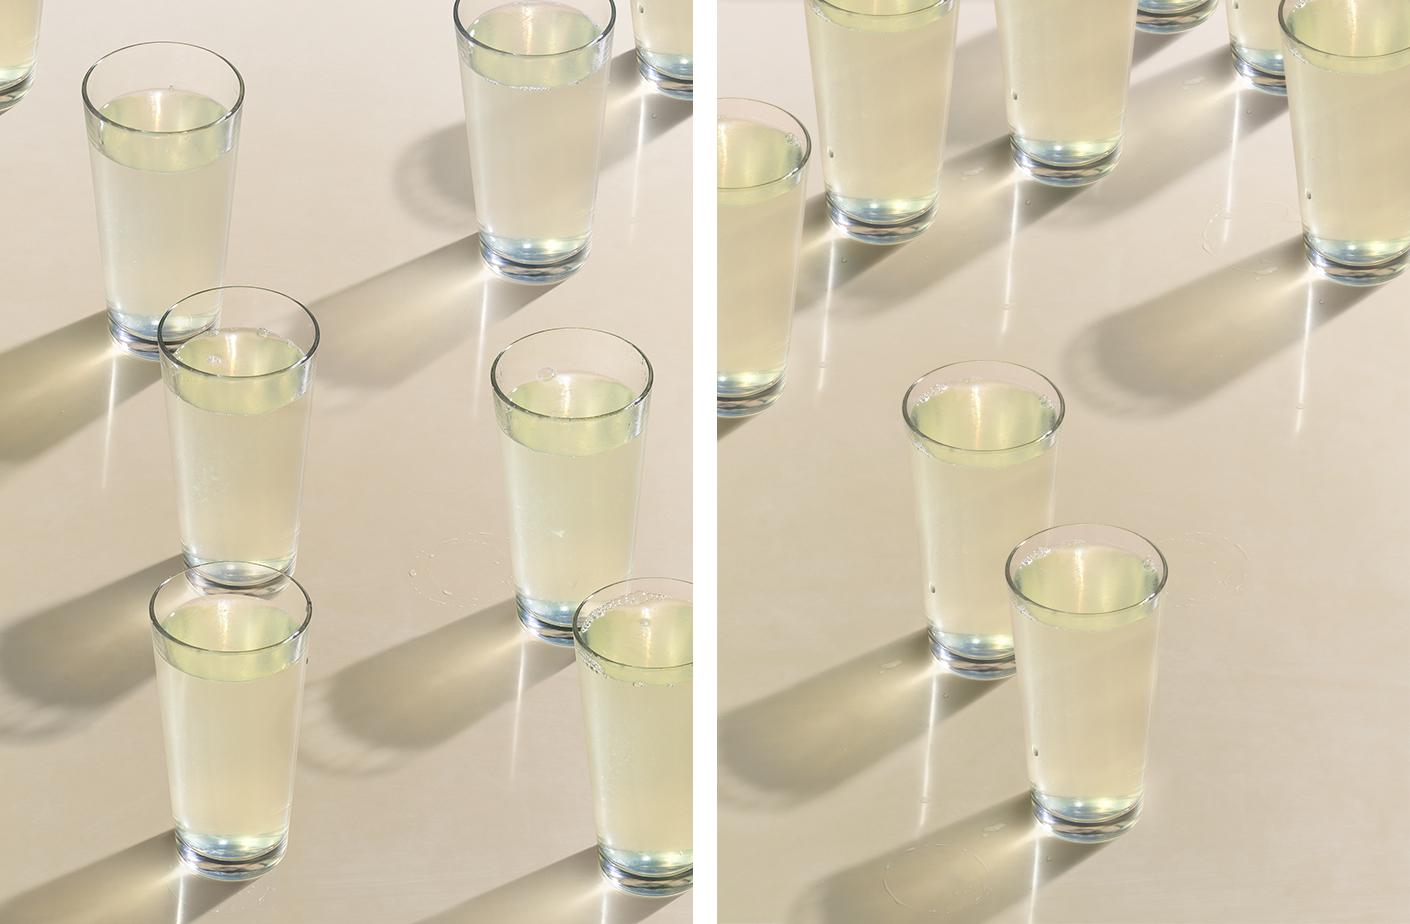 4586-32 Lemon Juice #32 4586-05 Lemon Juice #05  Pigment Print 13.50 x 18.00 inch Image Size 17.00 x 22.00 inch Paper Size 2 EDP / 3 AP